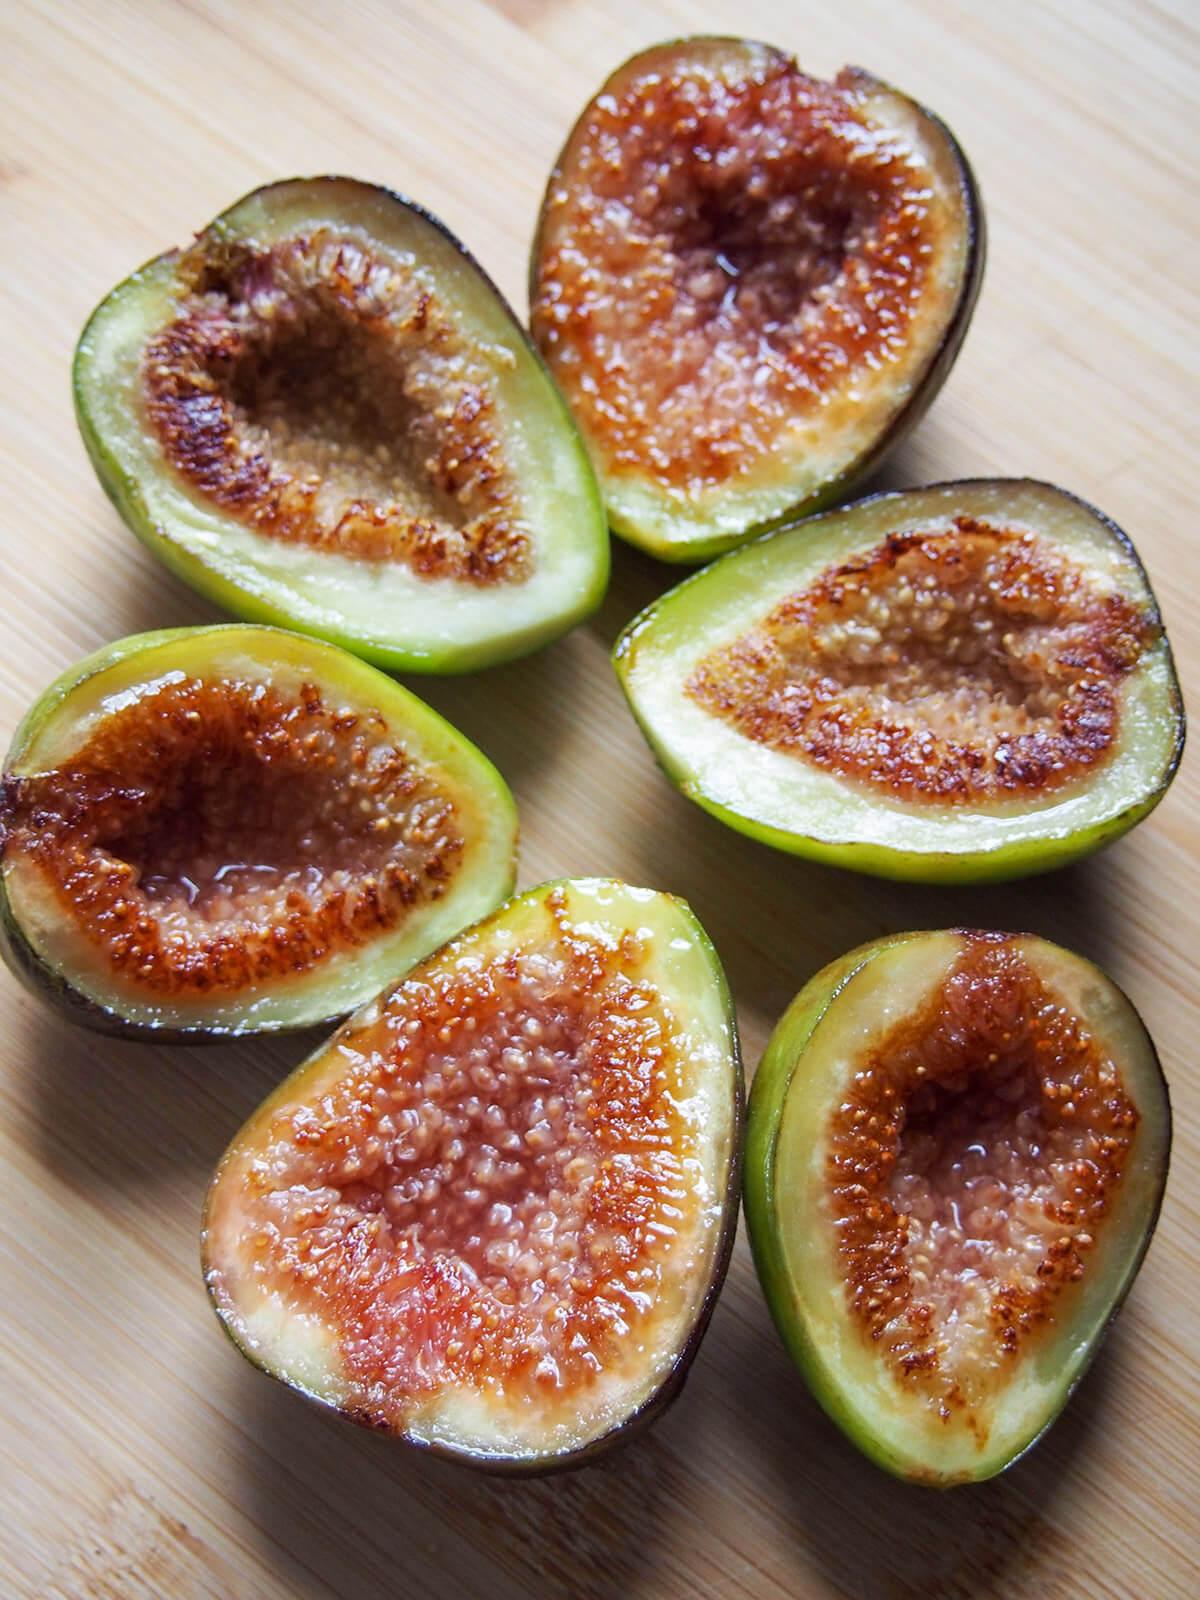 seared fig halves